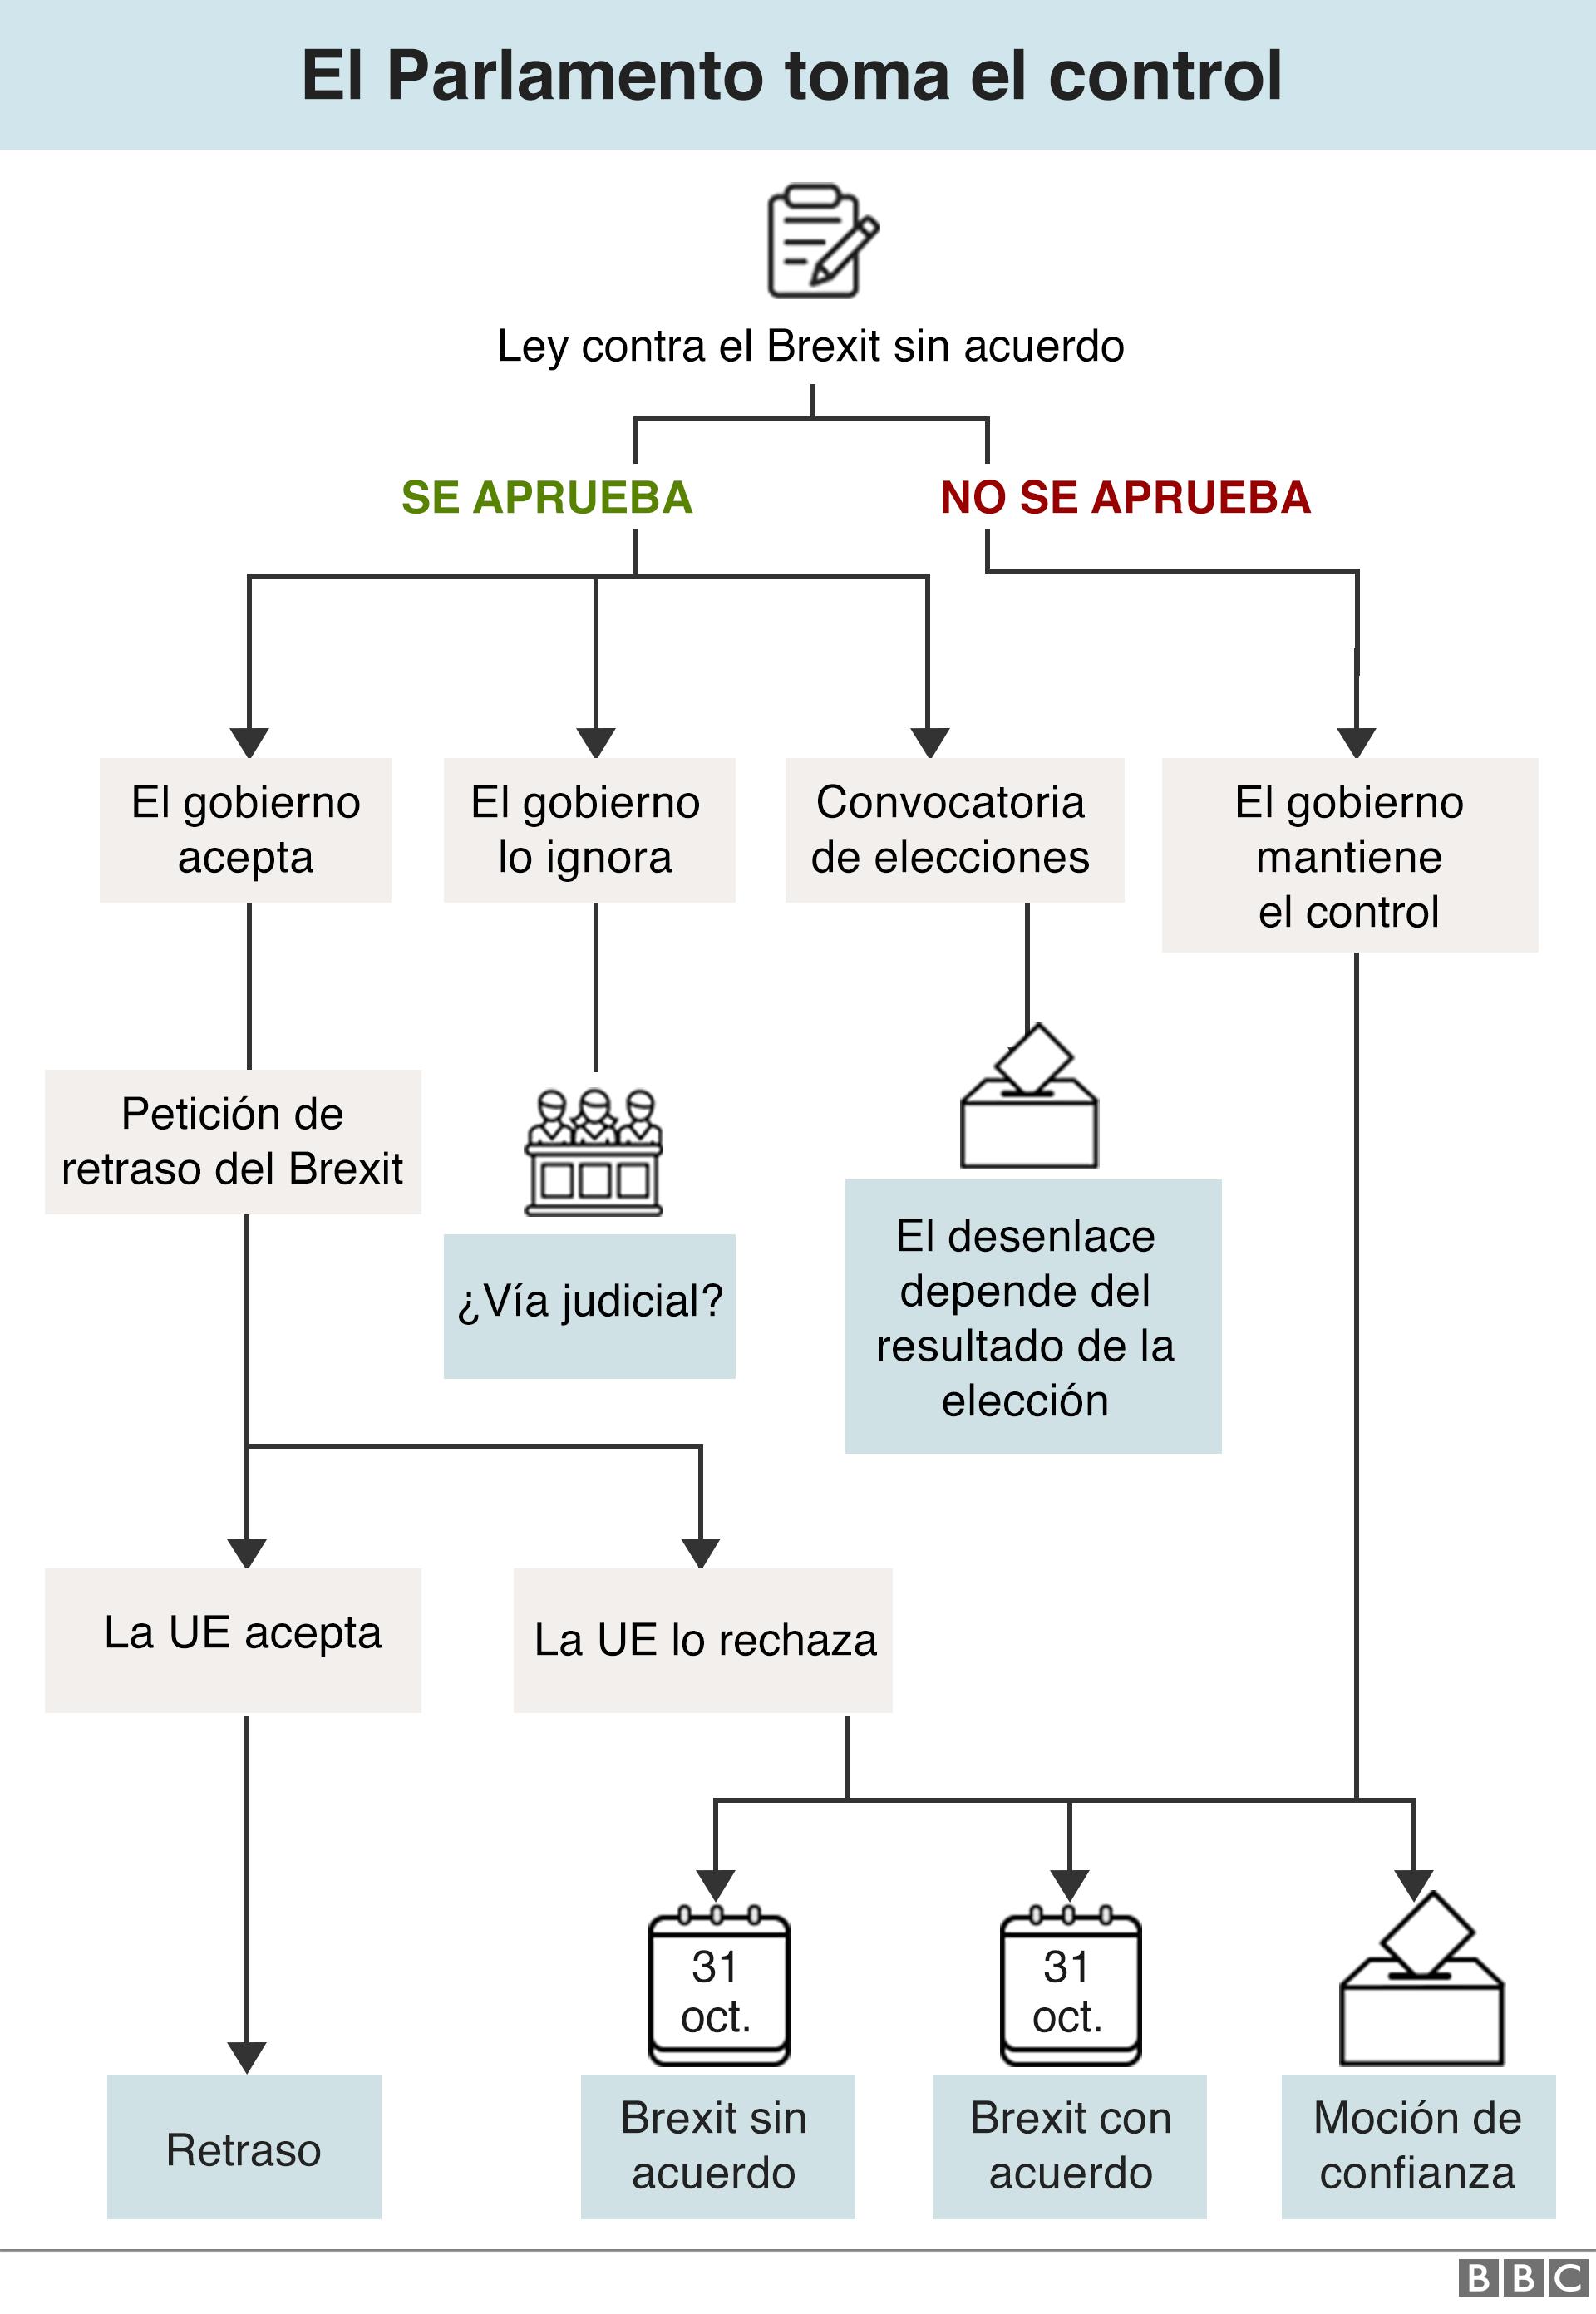 Gráfico de las opciones del Parlamento.